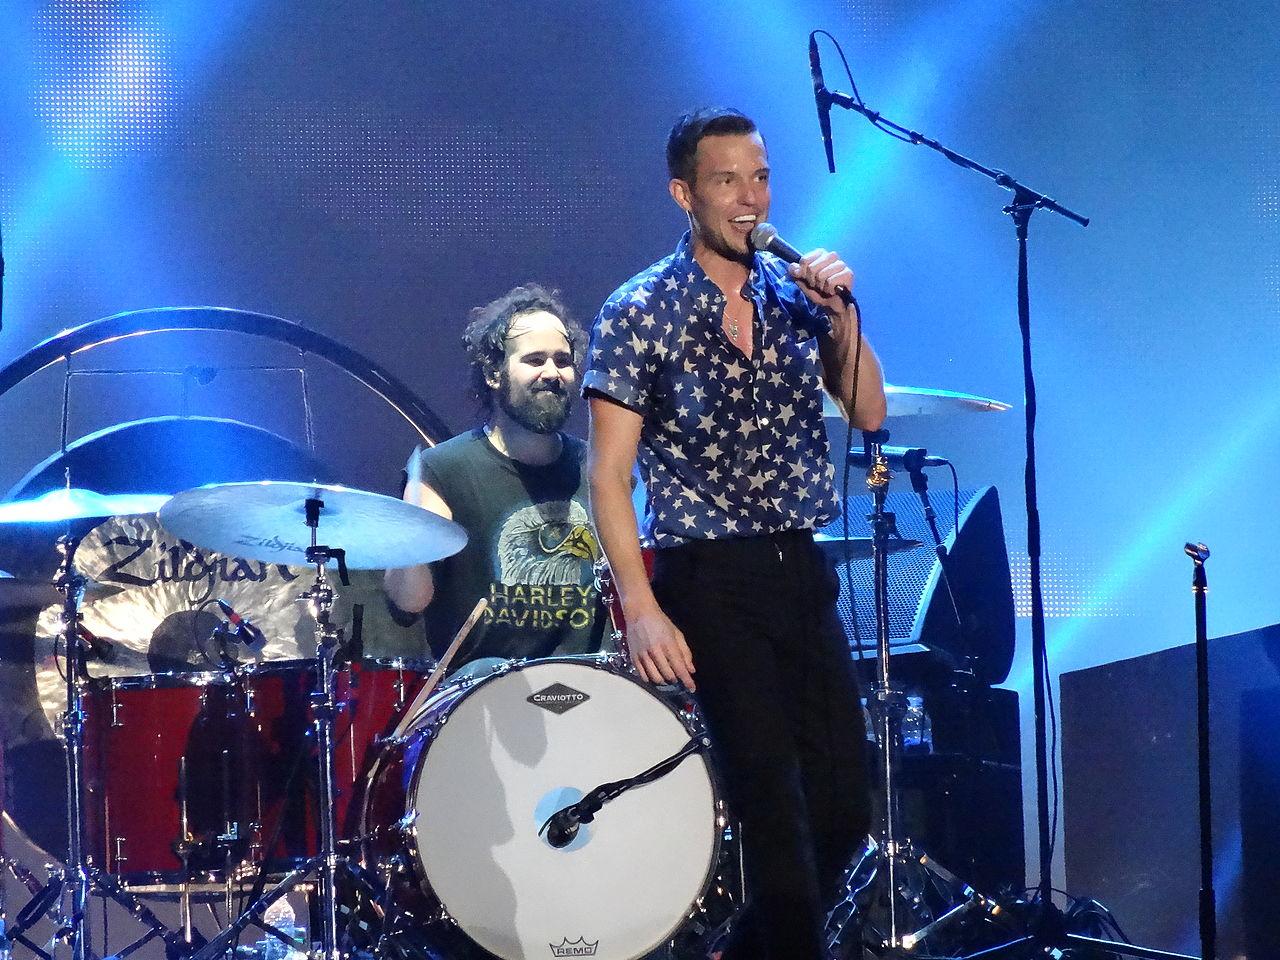 Concierto de The Killers en Parl Live